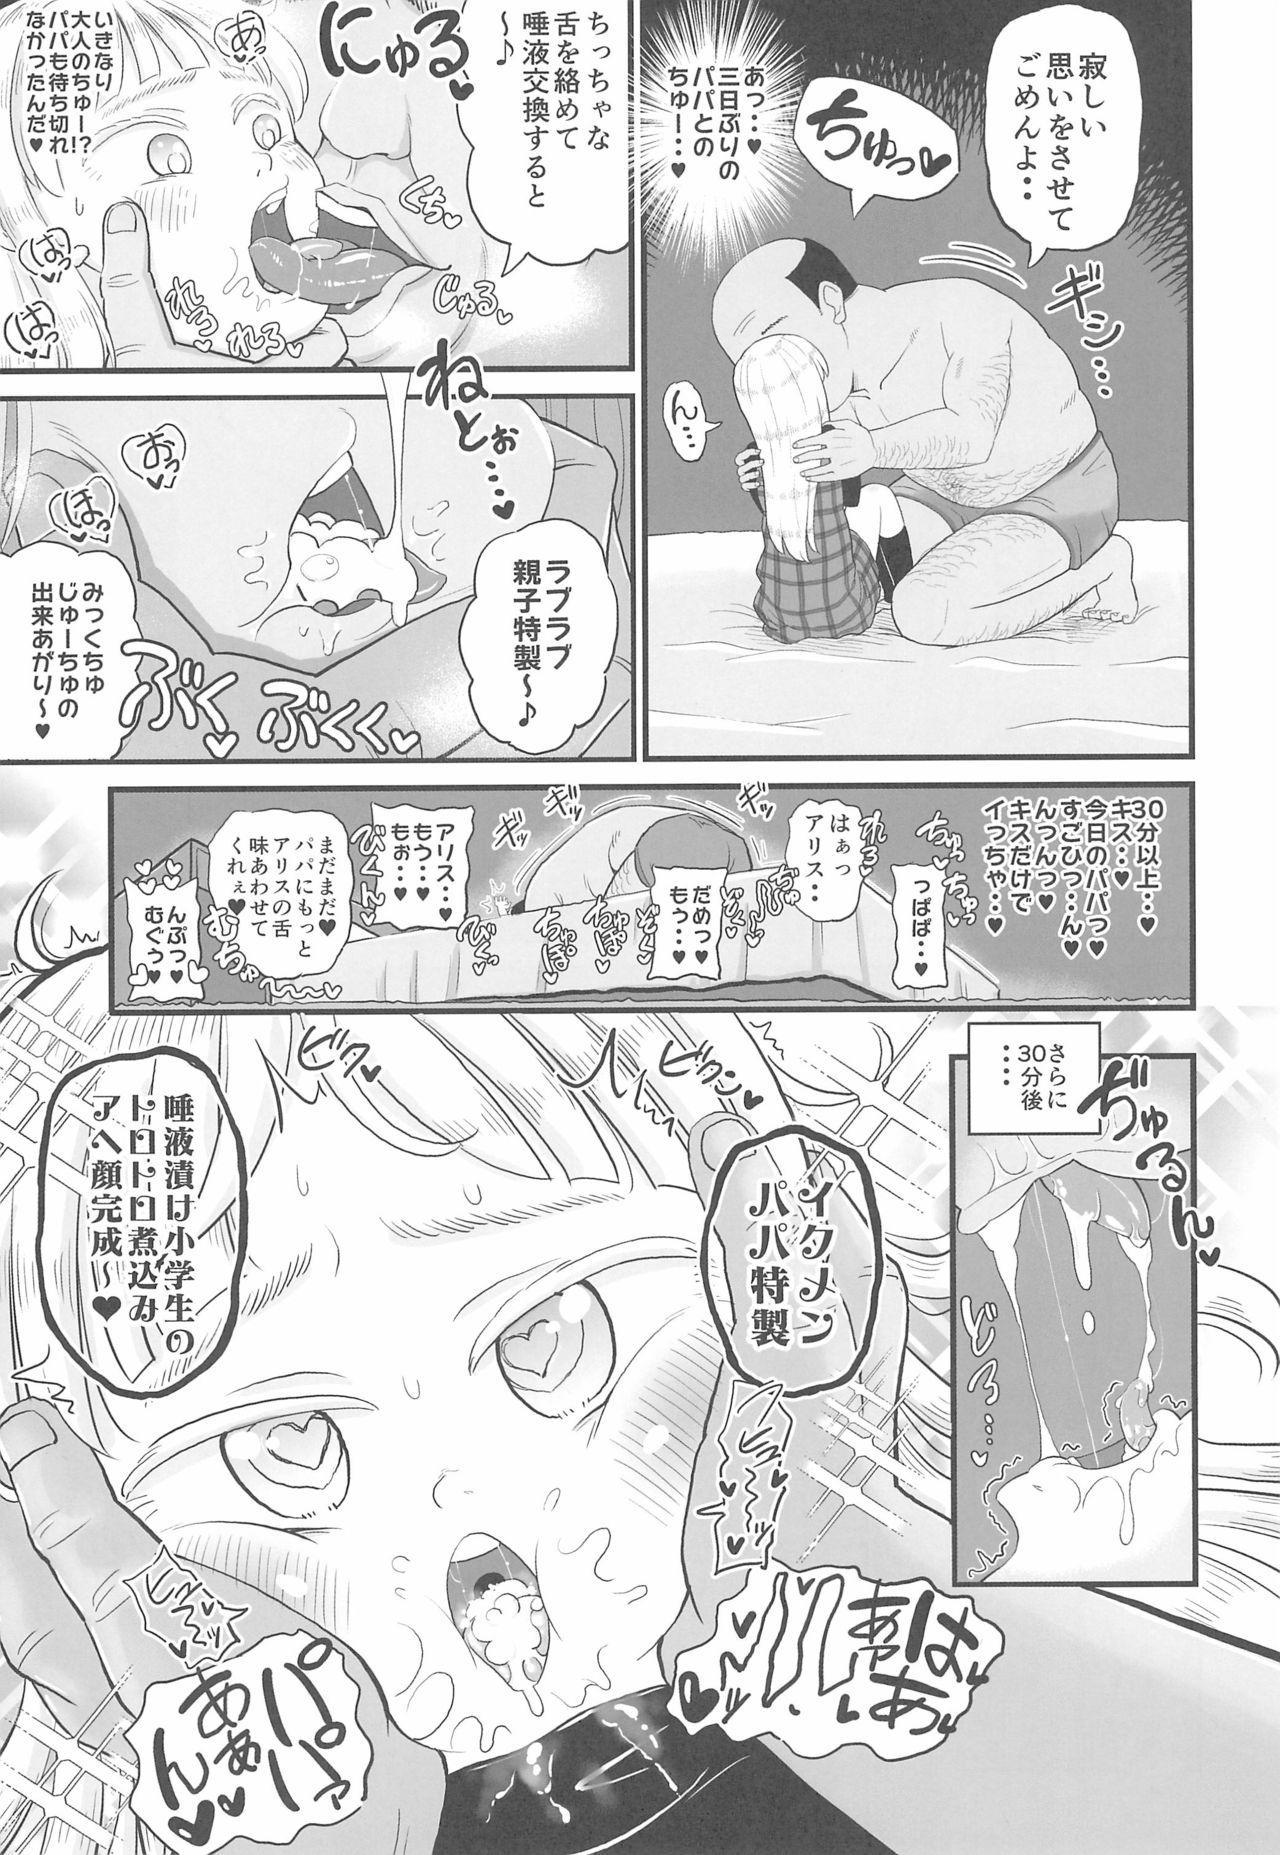 (C97) [botibotiikoka (takku)] Manamusume no Arisu-chan (8yo) ga Rippa na Chinpo-case ni Sodachimashita 4